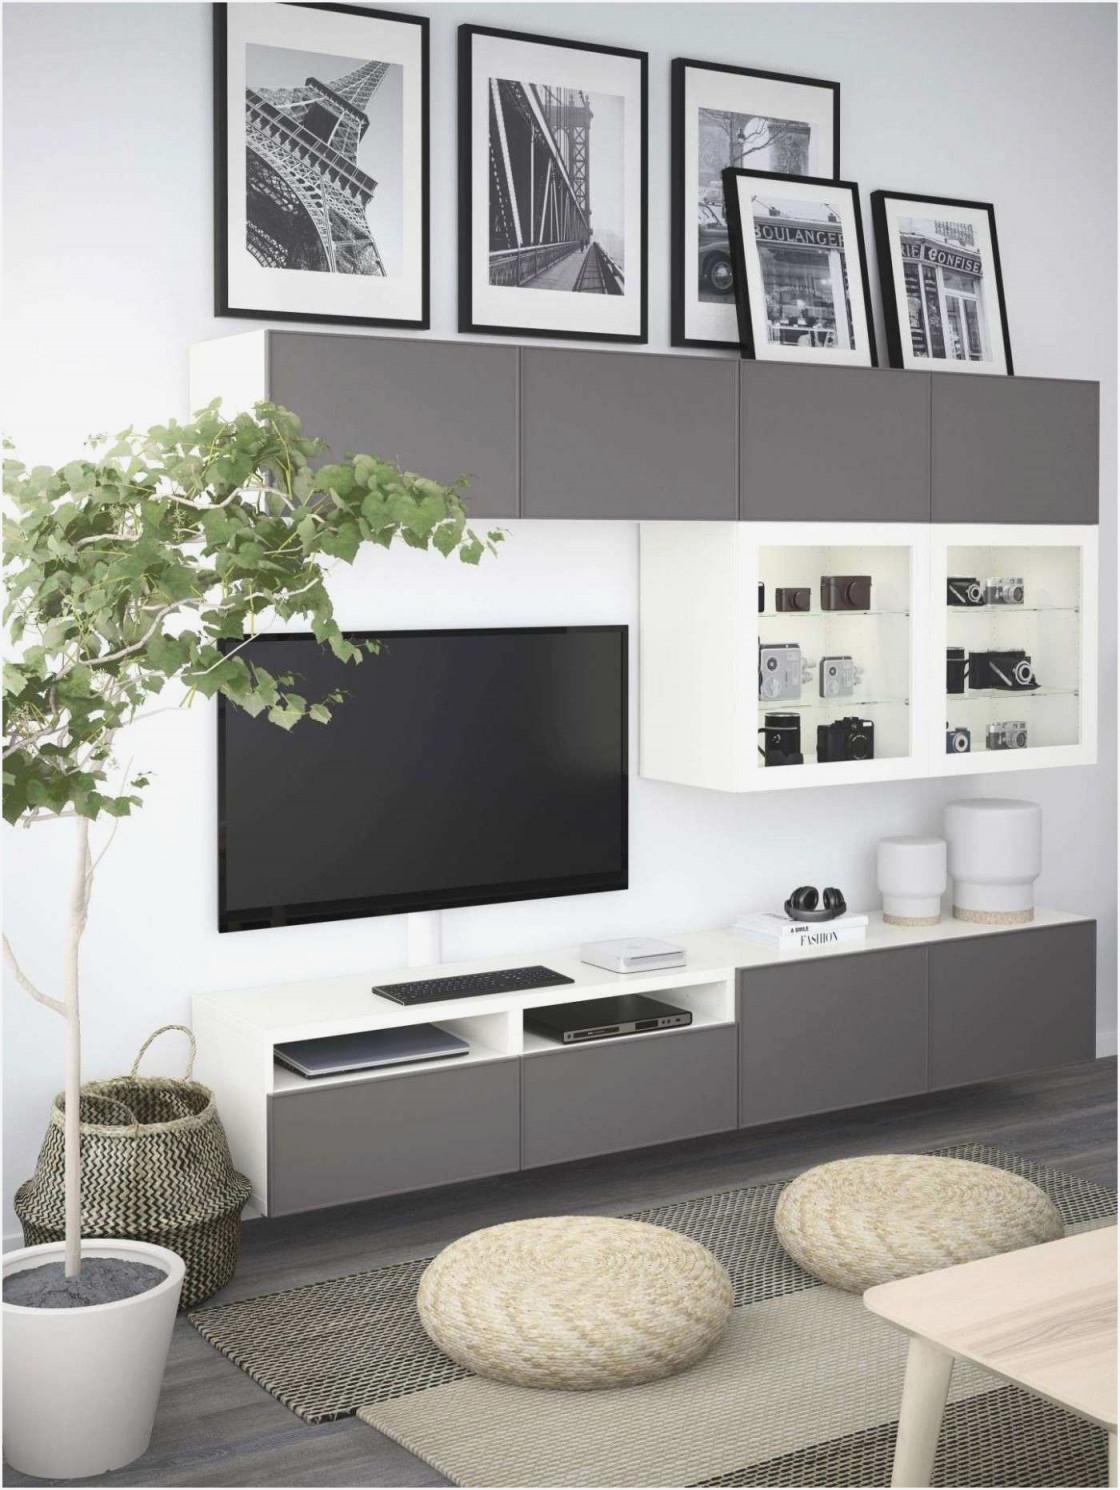 Deko Ideen Deko Wohnzimmer Modern – Caseconrad von Moderne Wohnzimmer Deko Bild